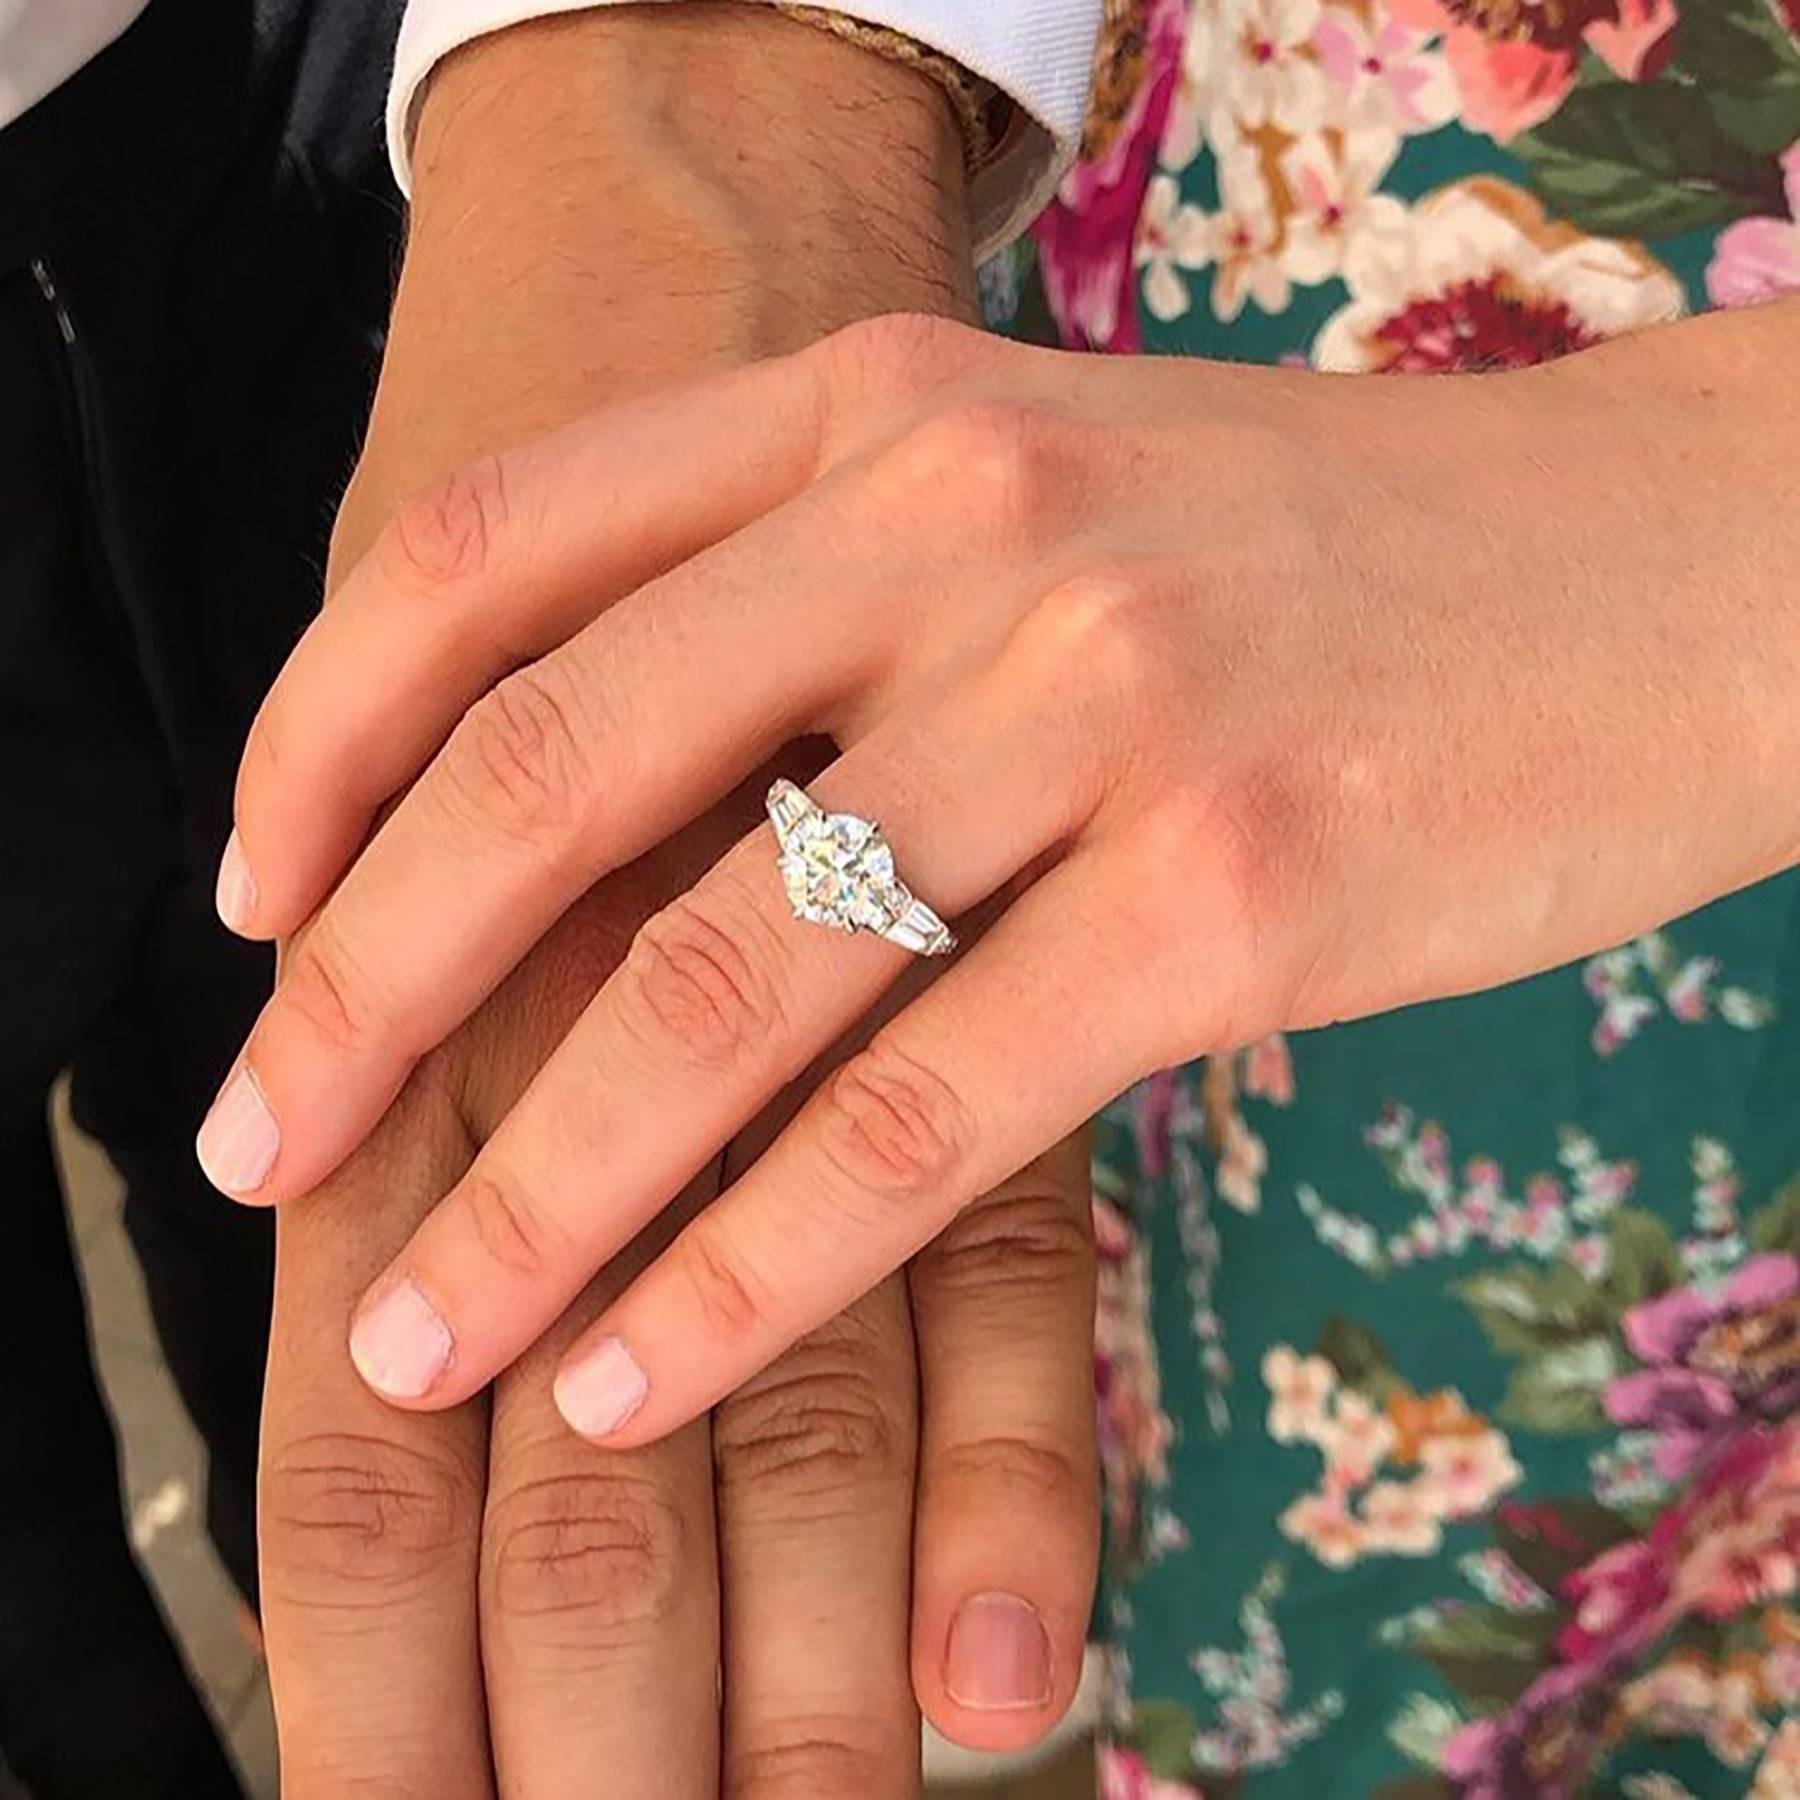 royal engagement rings princess diana the duchess of sussex s engagement rings tatler royal engagement rings princess diana